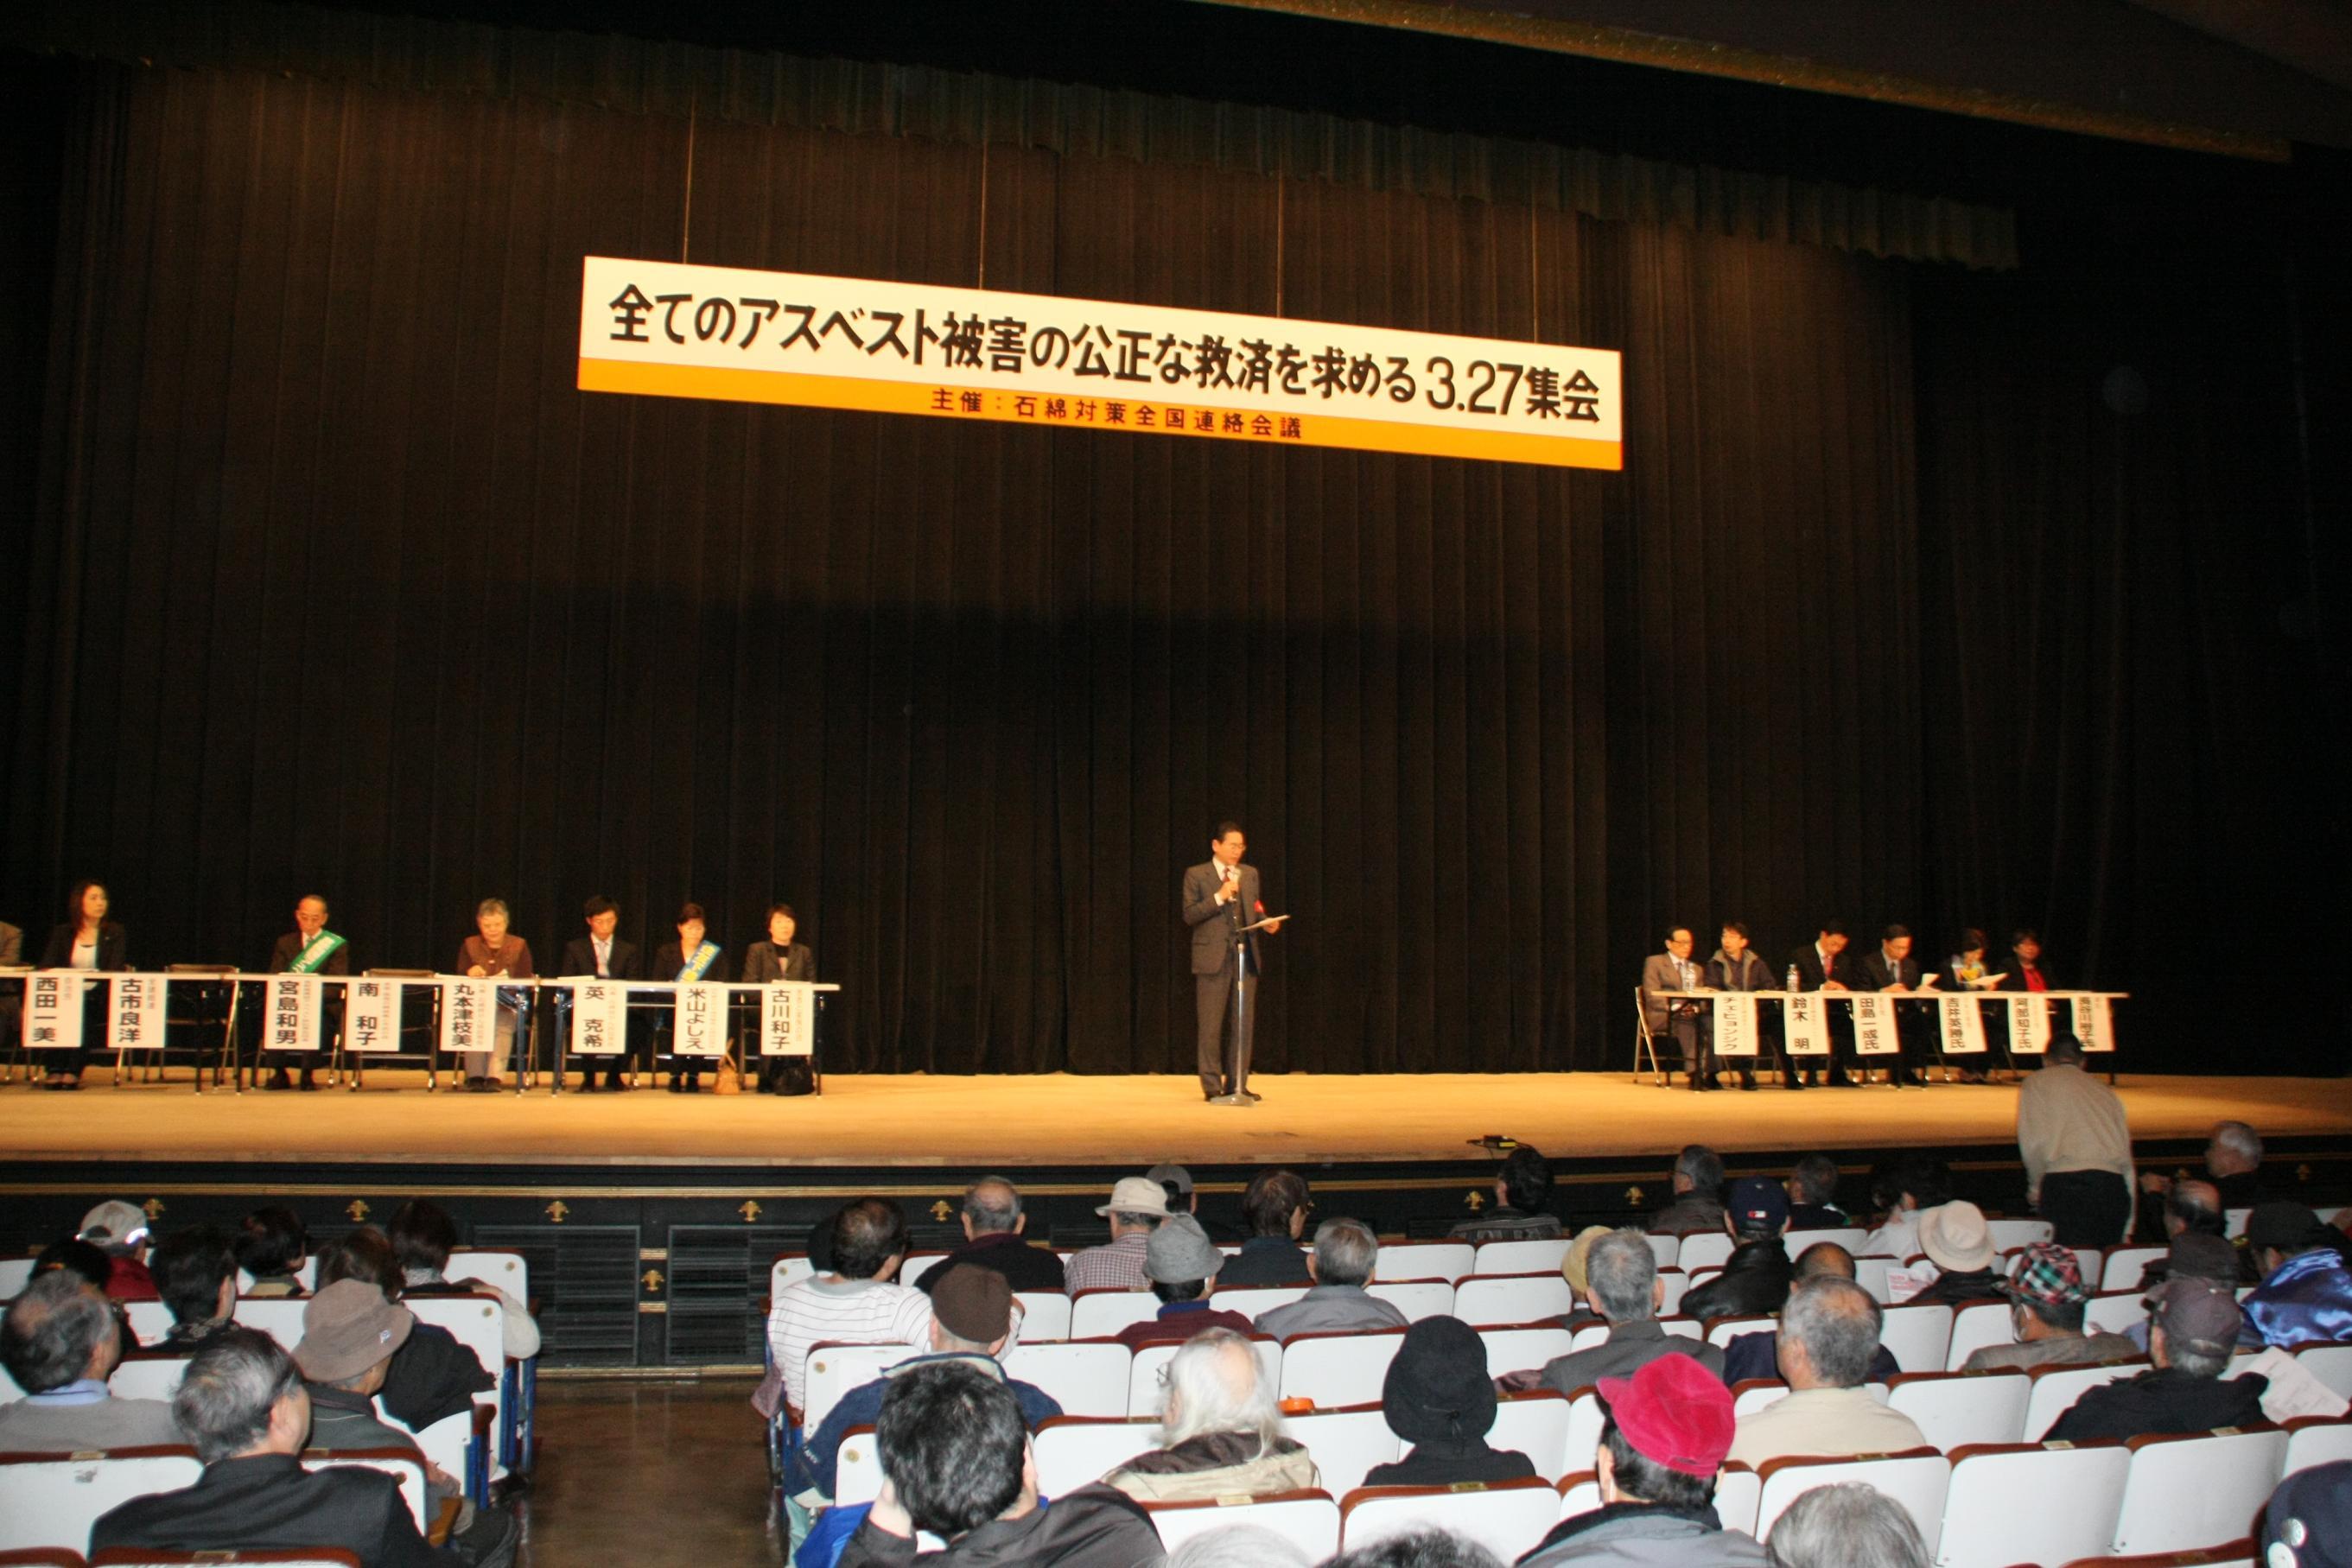 全てのアスベスト被害の公正な救済を求める3・27集会(日比谷公会堂)